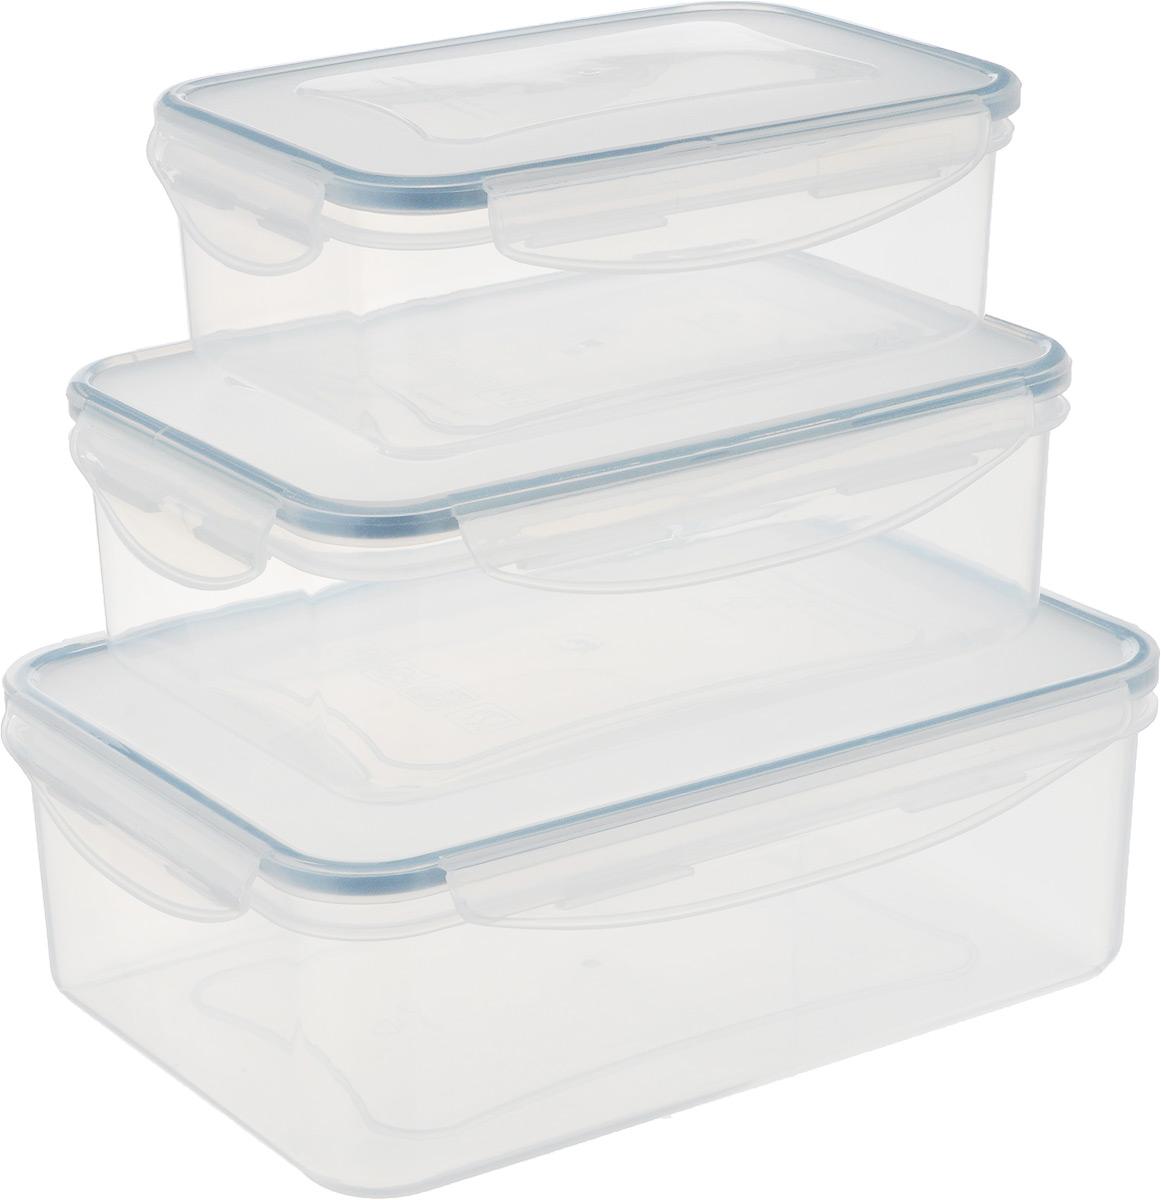 Набор контейнеров Tescoma Freshbox, 3 штАксион Т-33Набор Tescoma Freshbox состоит из трех контейнеров разного объема, изготовленных из высококачественного пластика, который не впитывает запахи и не изменяет цвет. Изделия снабжены крышками, плотно закрывающимися на 4 защелки. Герметичность достигается за счет специальных силиконовых прослоек, которые позволяют использовать контейнер для хранения не только пищи, но и жидкости. В таком контейнере продукты долгое время сохраняют свою свежесть. Прозрачные стенки позволяют просматривать содержимое. Изделия подходят для домашнего использования, в них удобно запекать, разогревать и хранить пищу. Можно использовать в СВЧ-печах, холодильниках, духовых шкафах, посудомоечных машинах, морозильных камерах. Размер контейнера на 1 л (без учета крышки): 18 х 12 х 6 см.Размер контейнера на 1,5 л (без учета крышки): 21 х 14 х 6,5 см.Размер контейнера на 2,5 л (без учета крышки): 24 х 17 х 7,5 см.